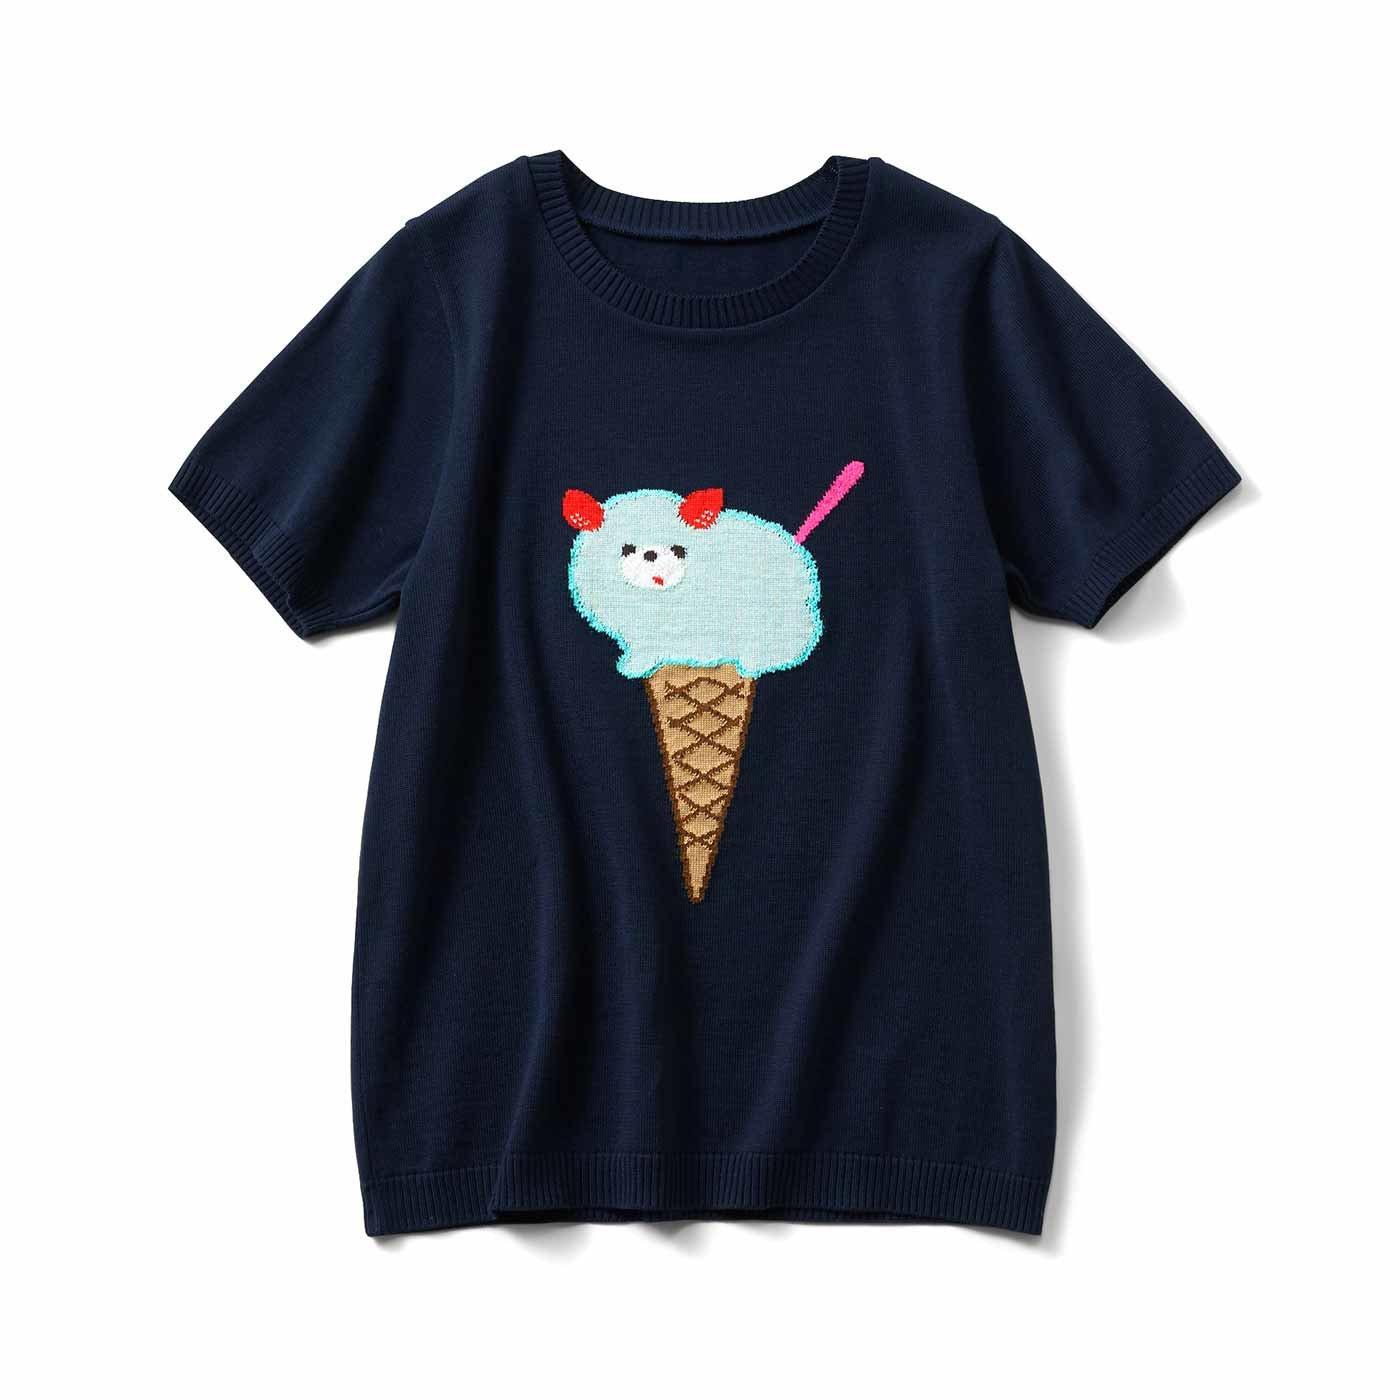 へんてこどうぶつ アイスクリーム柄のニットトップス